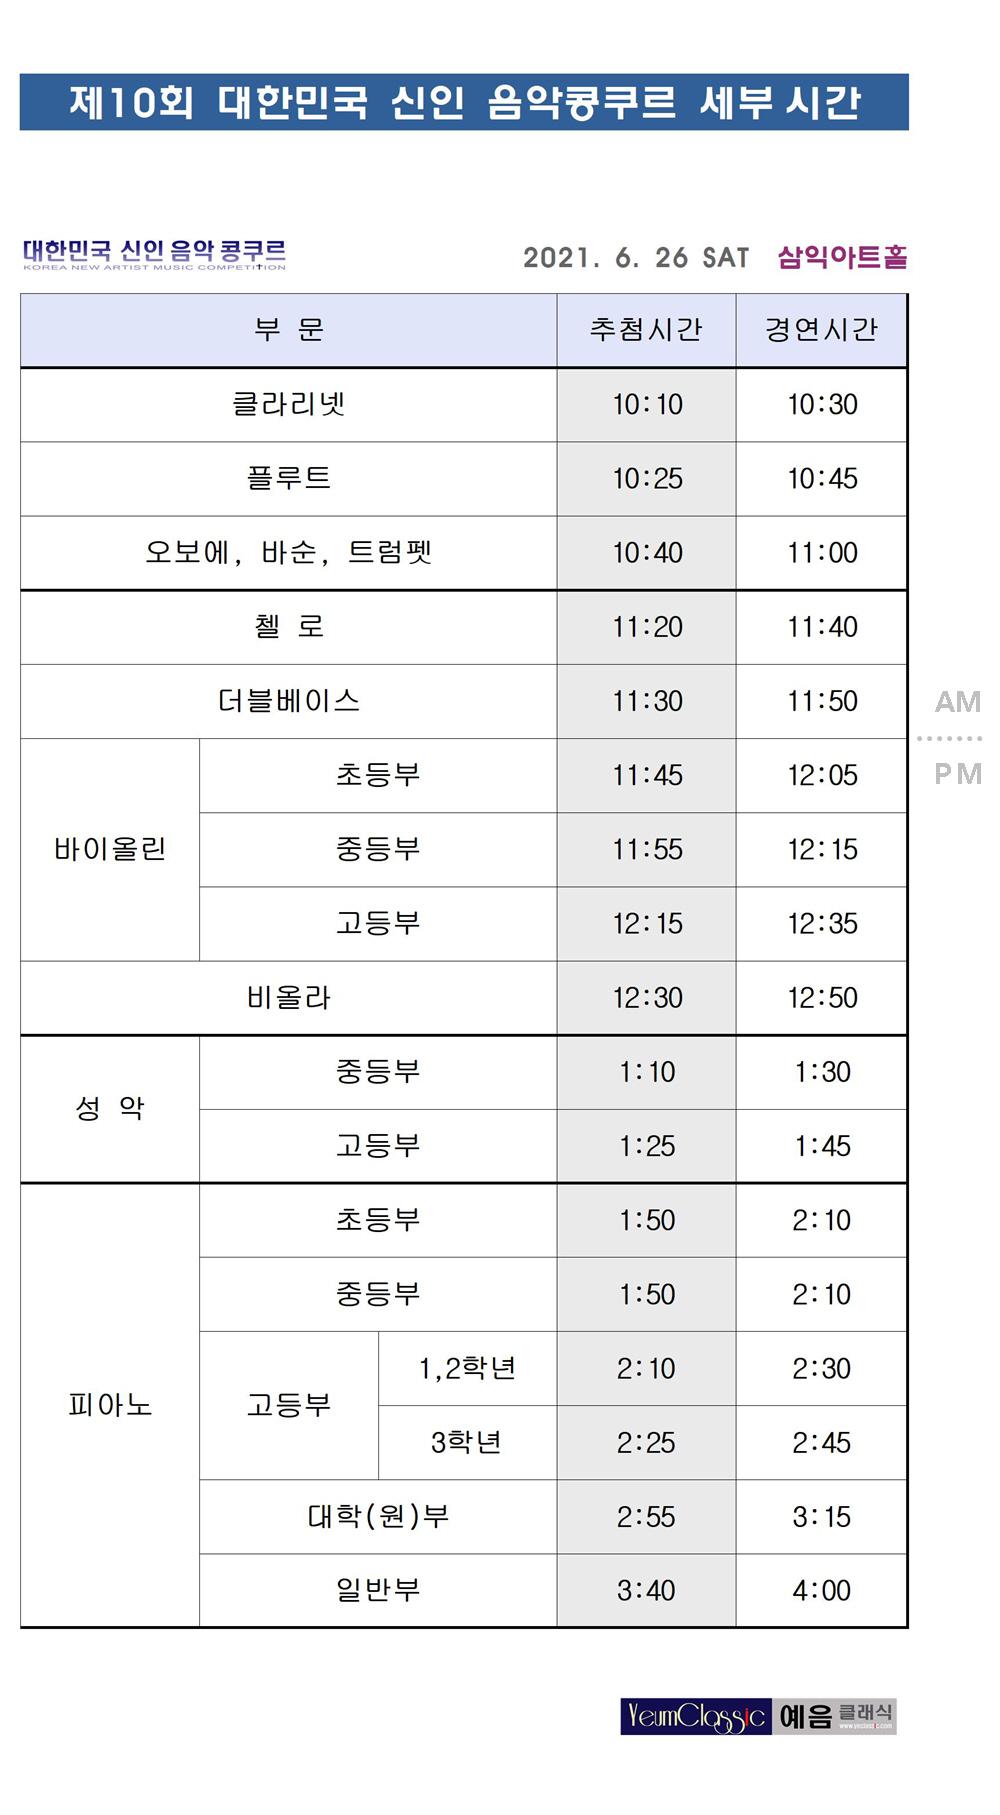 10회 대한민국 신인 음악콩쿠르 세부 시간001.jpg